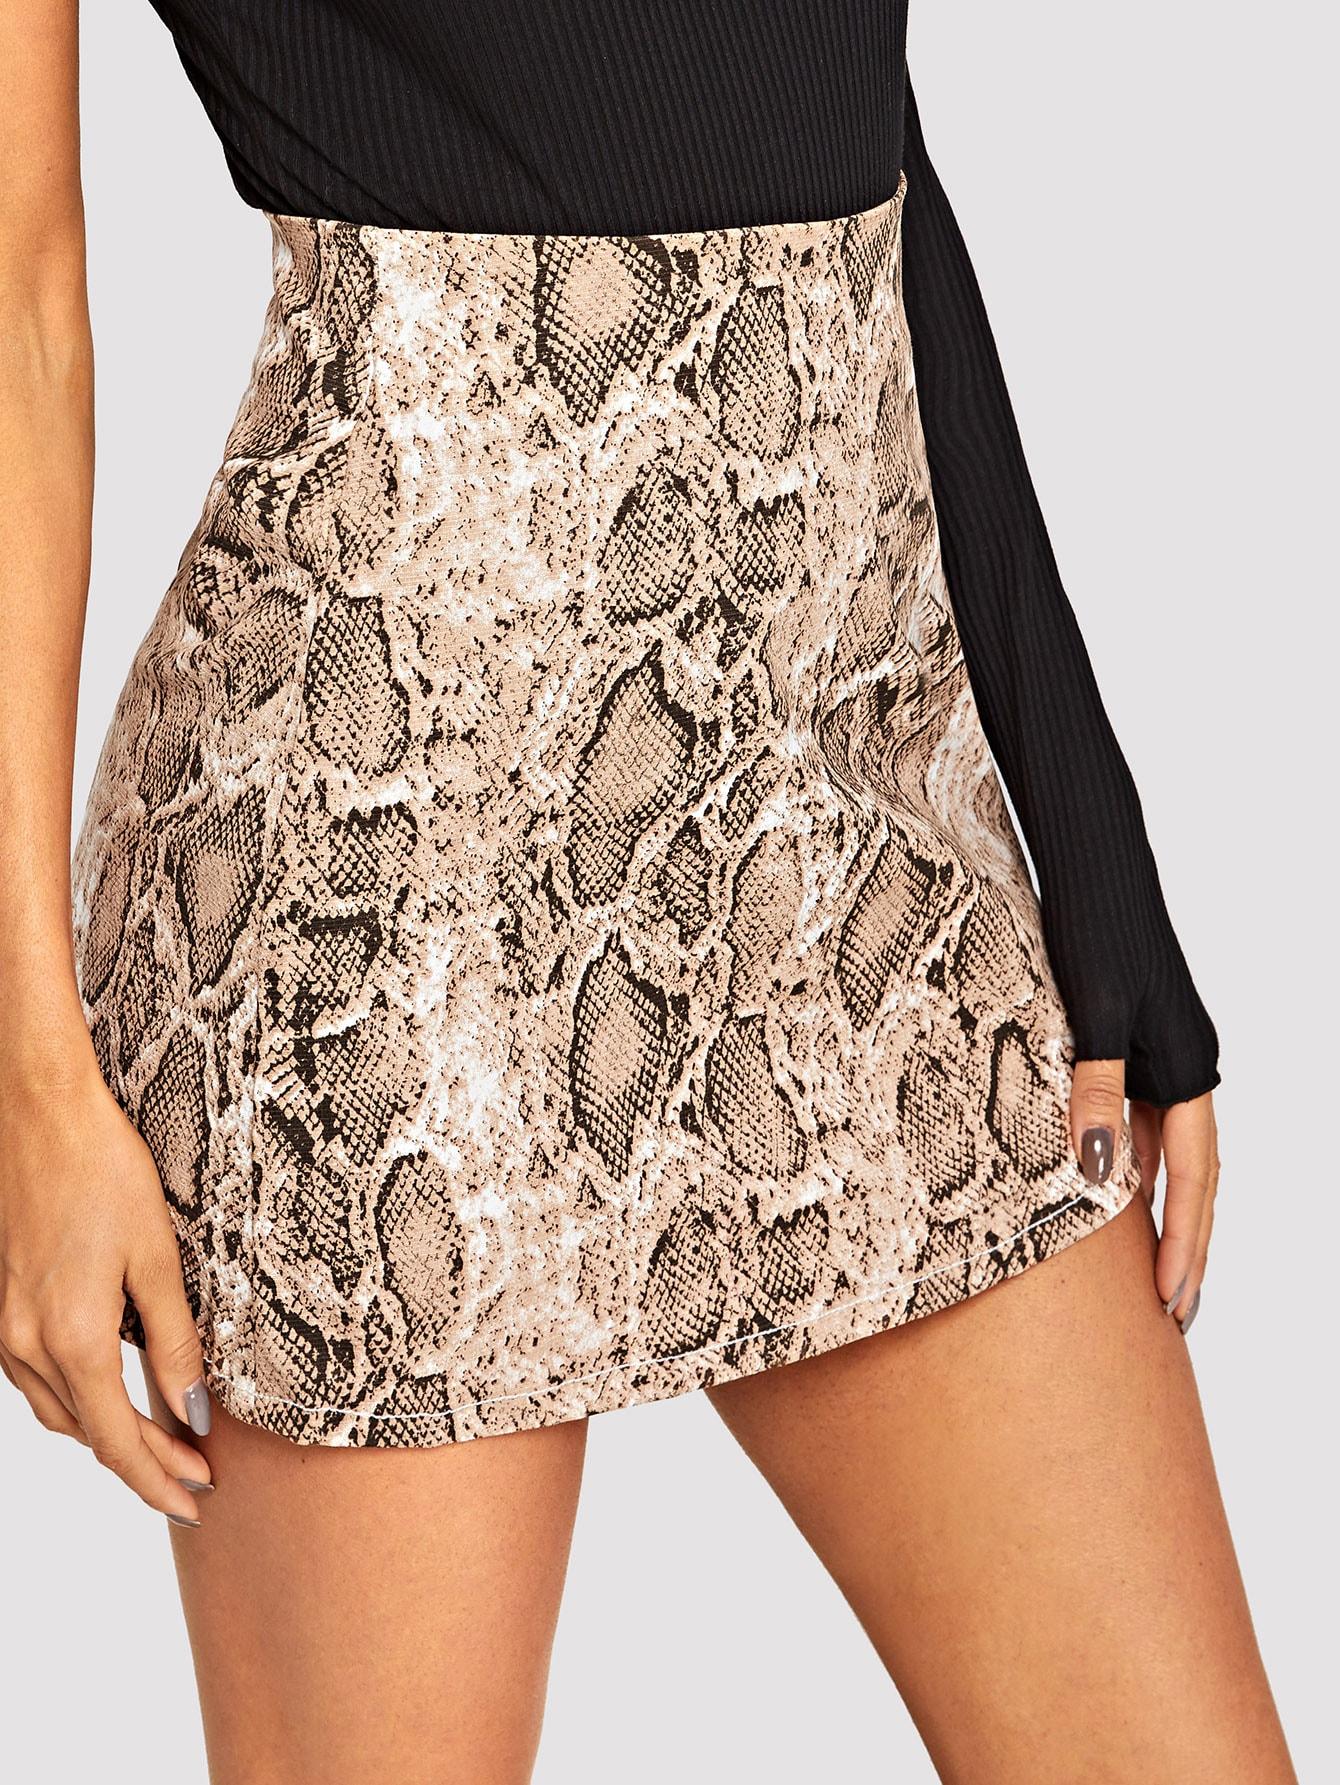 Джинсовая юбка  Многоцветный цвета